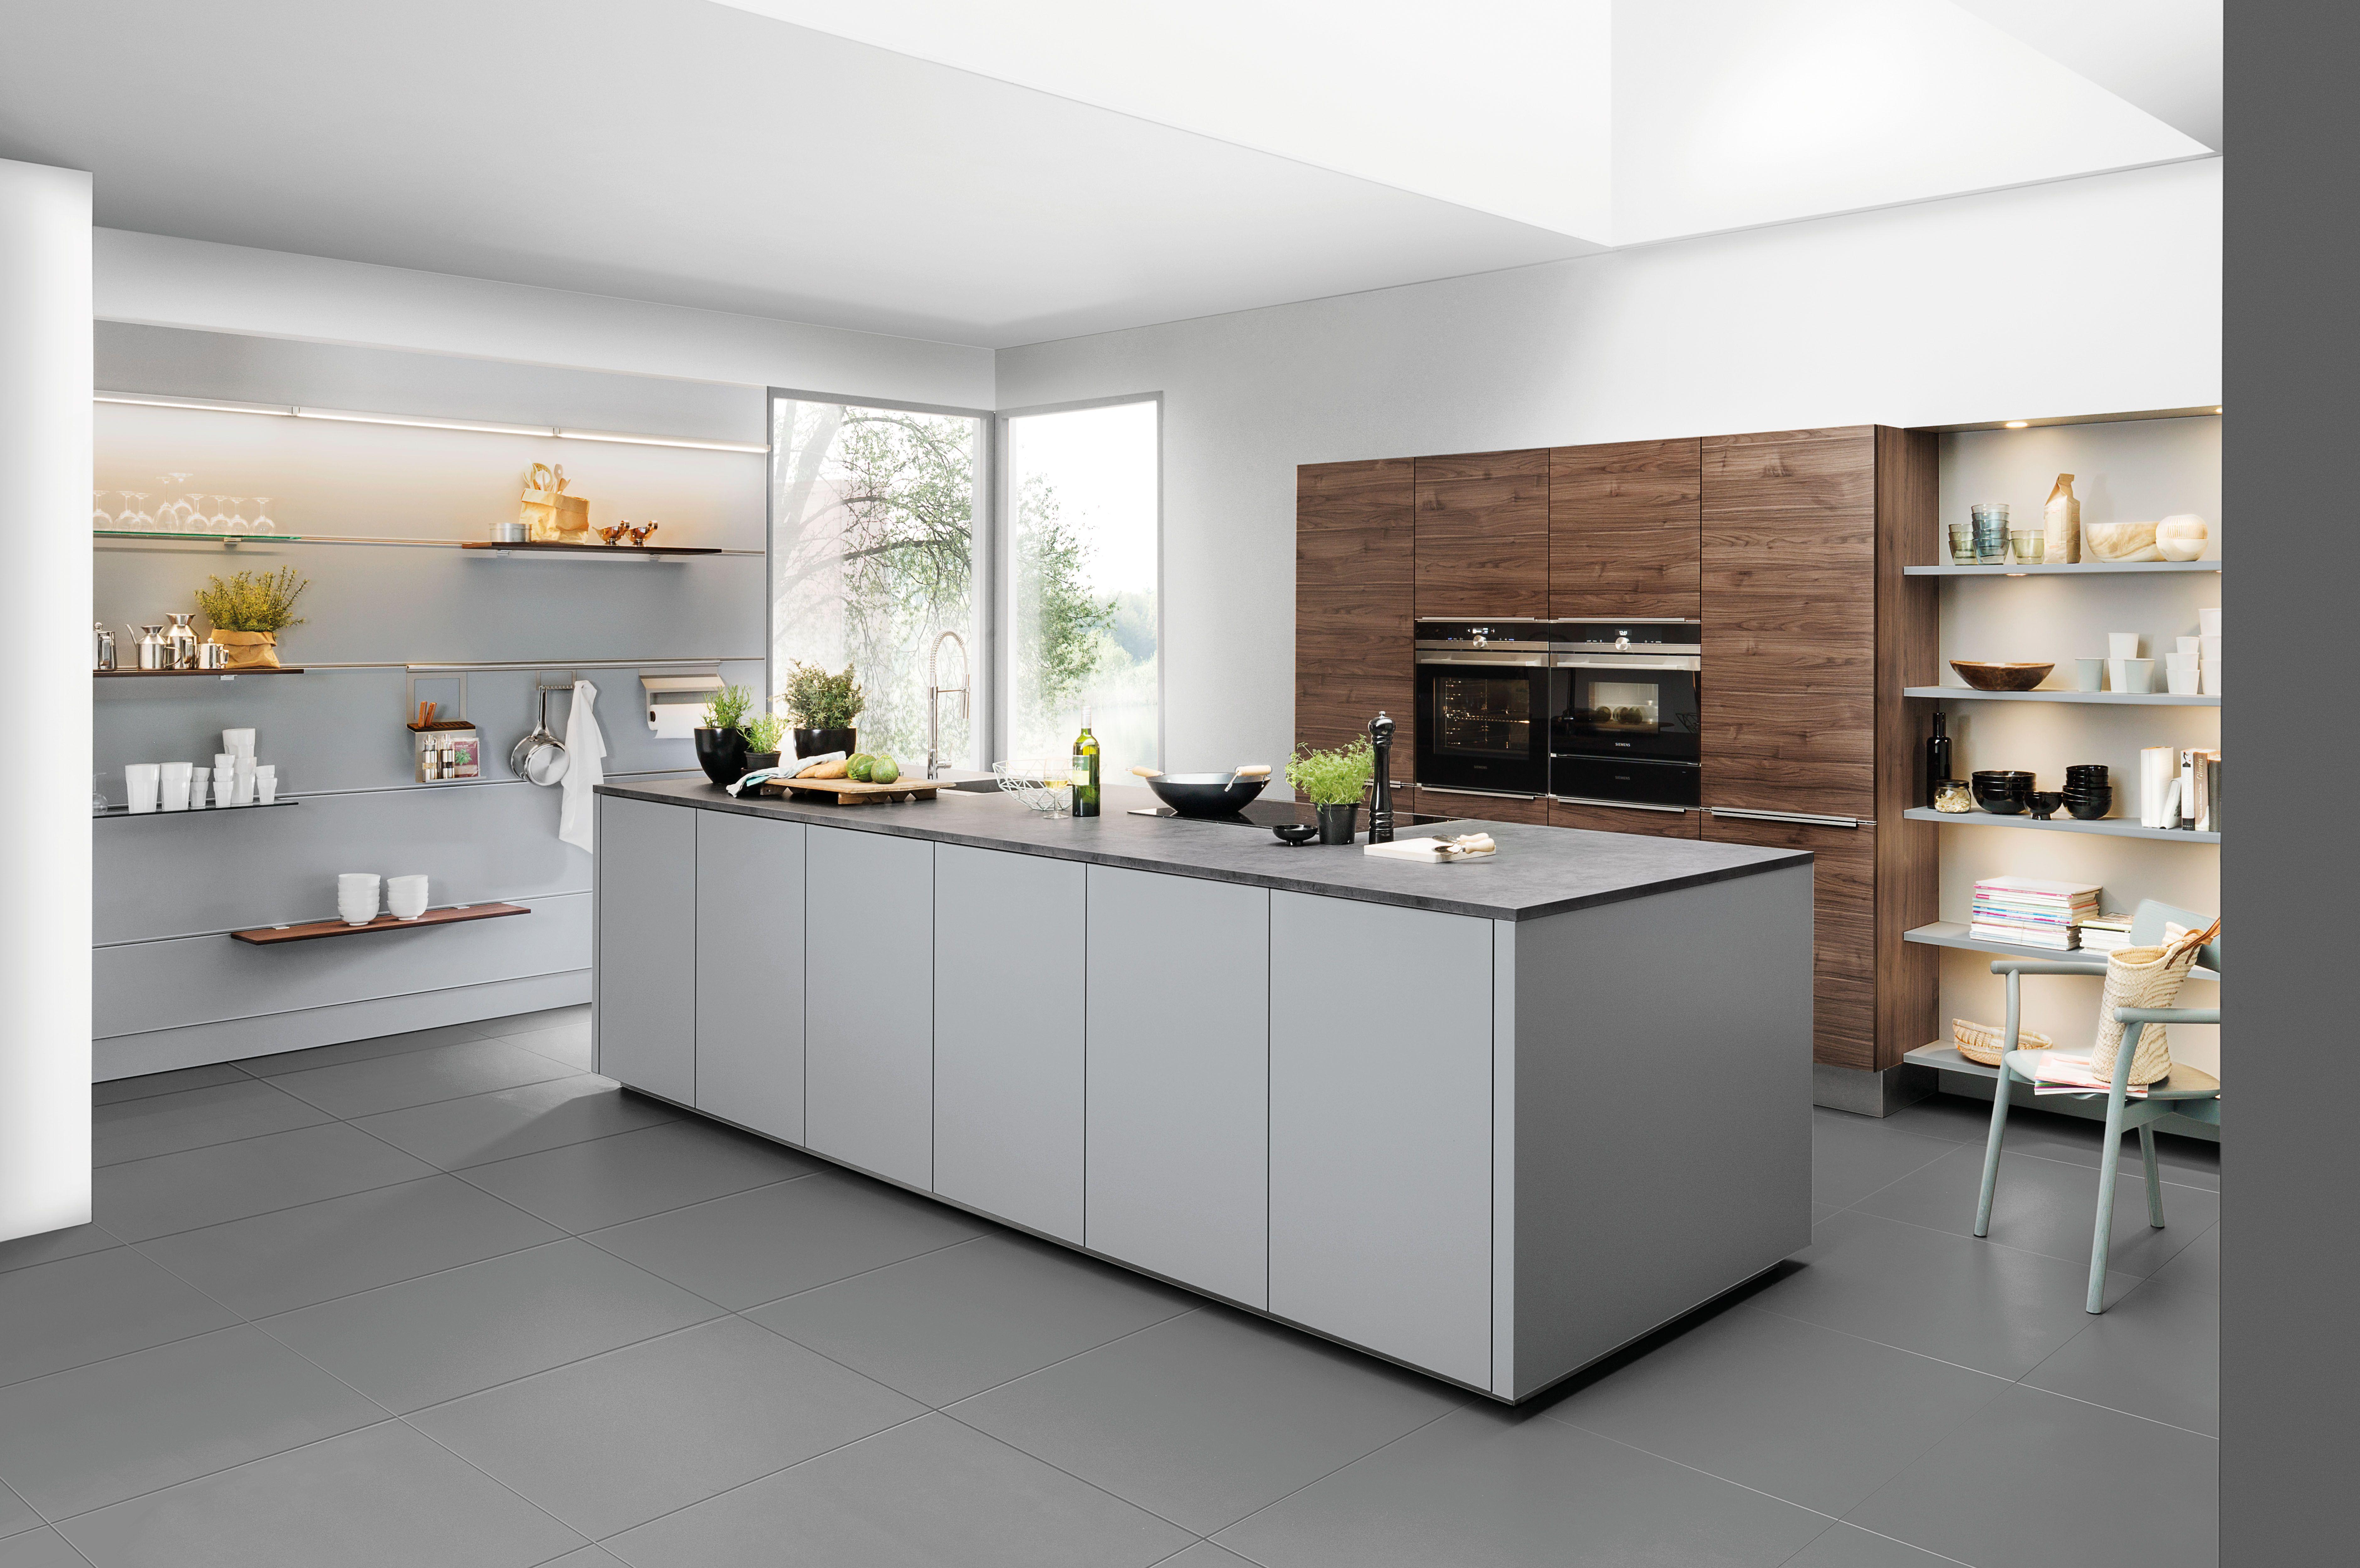 Exclusieve Nolte Keukens : Prachtige moderne keuken van nolte onze eigen keukens